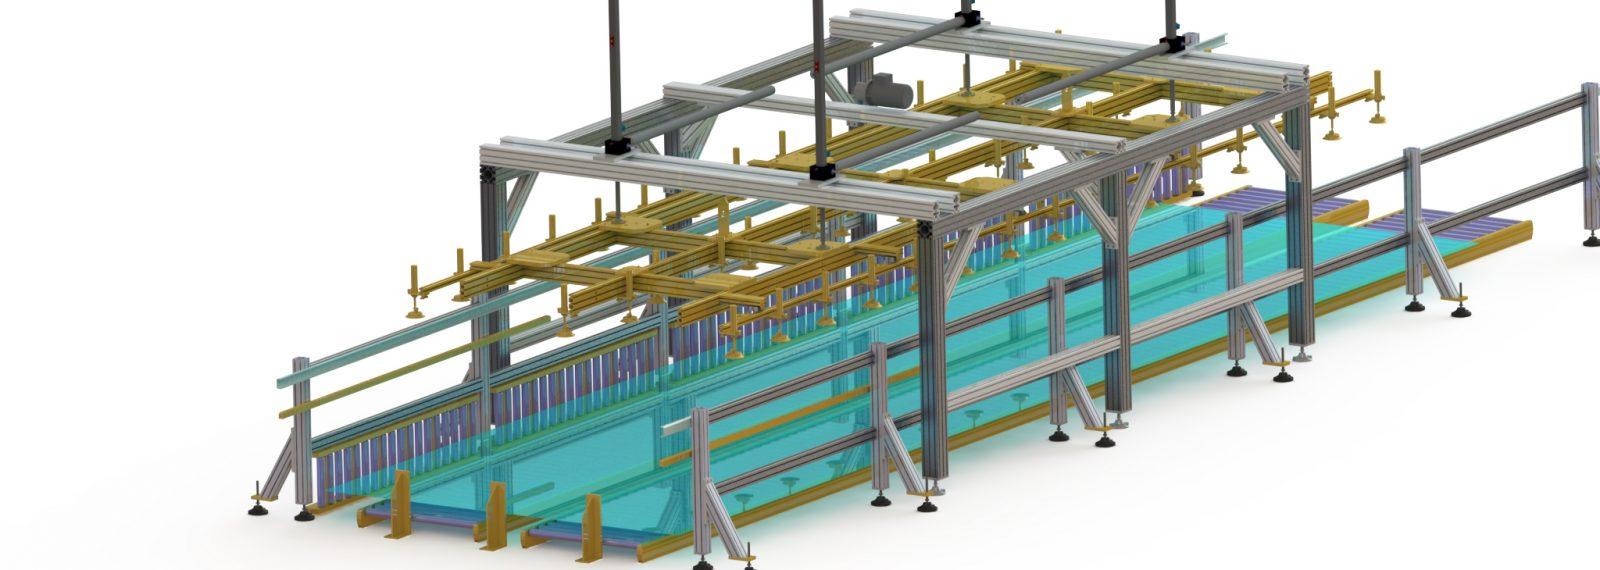 Vakuumhebe- und Stapelsystem für Paneele